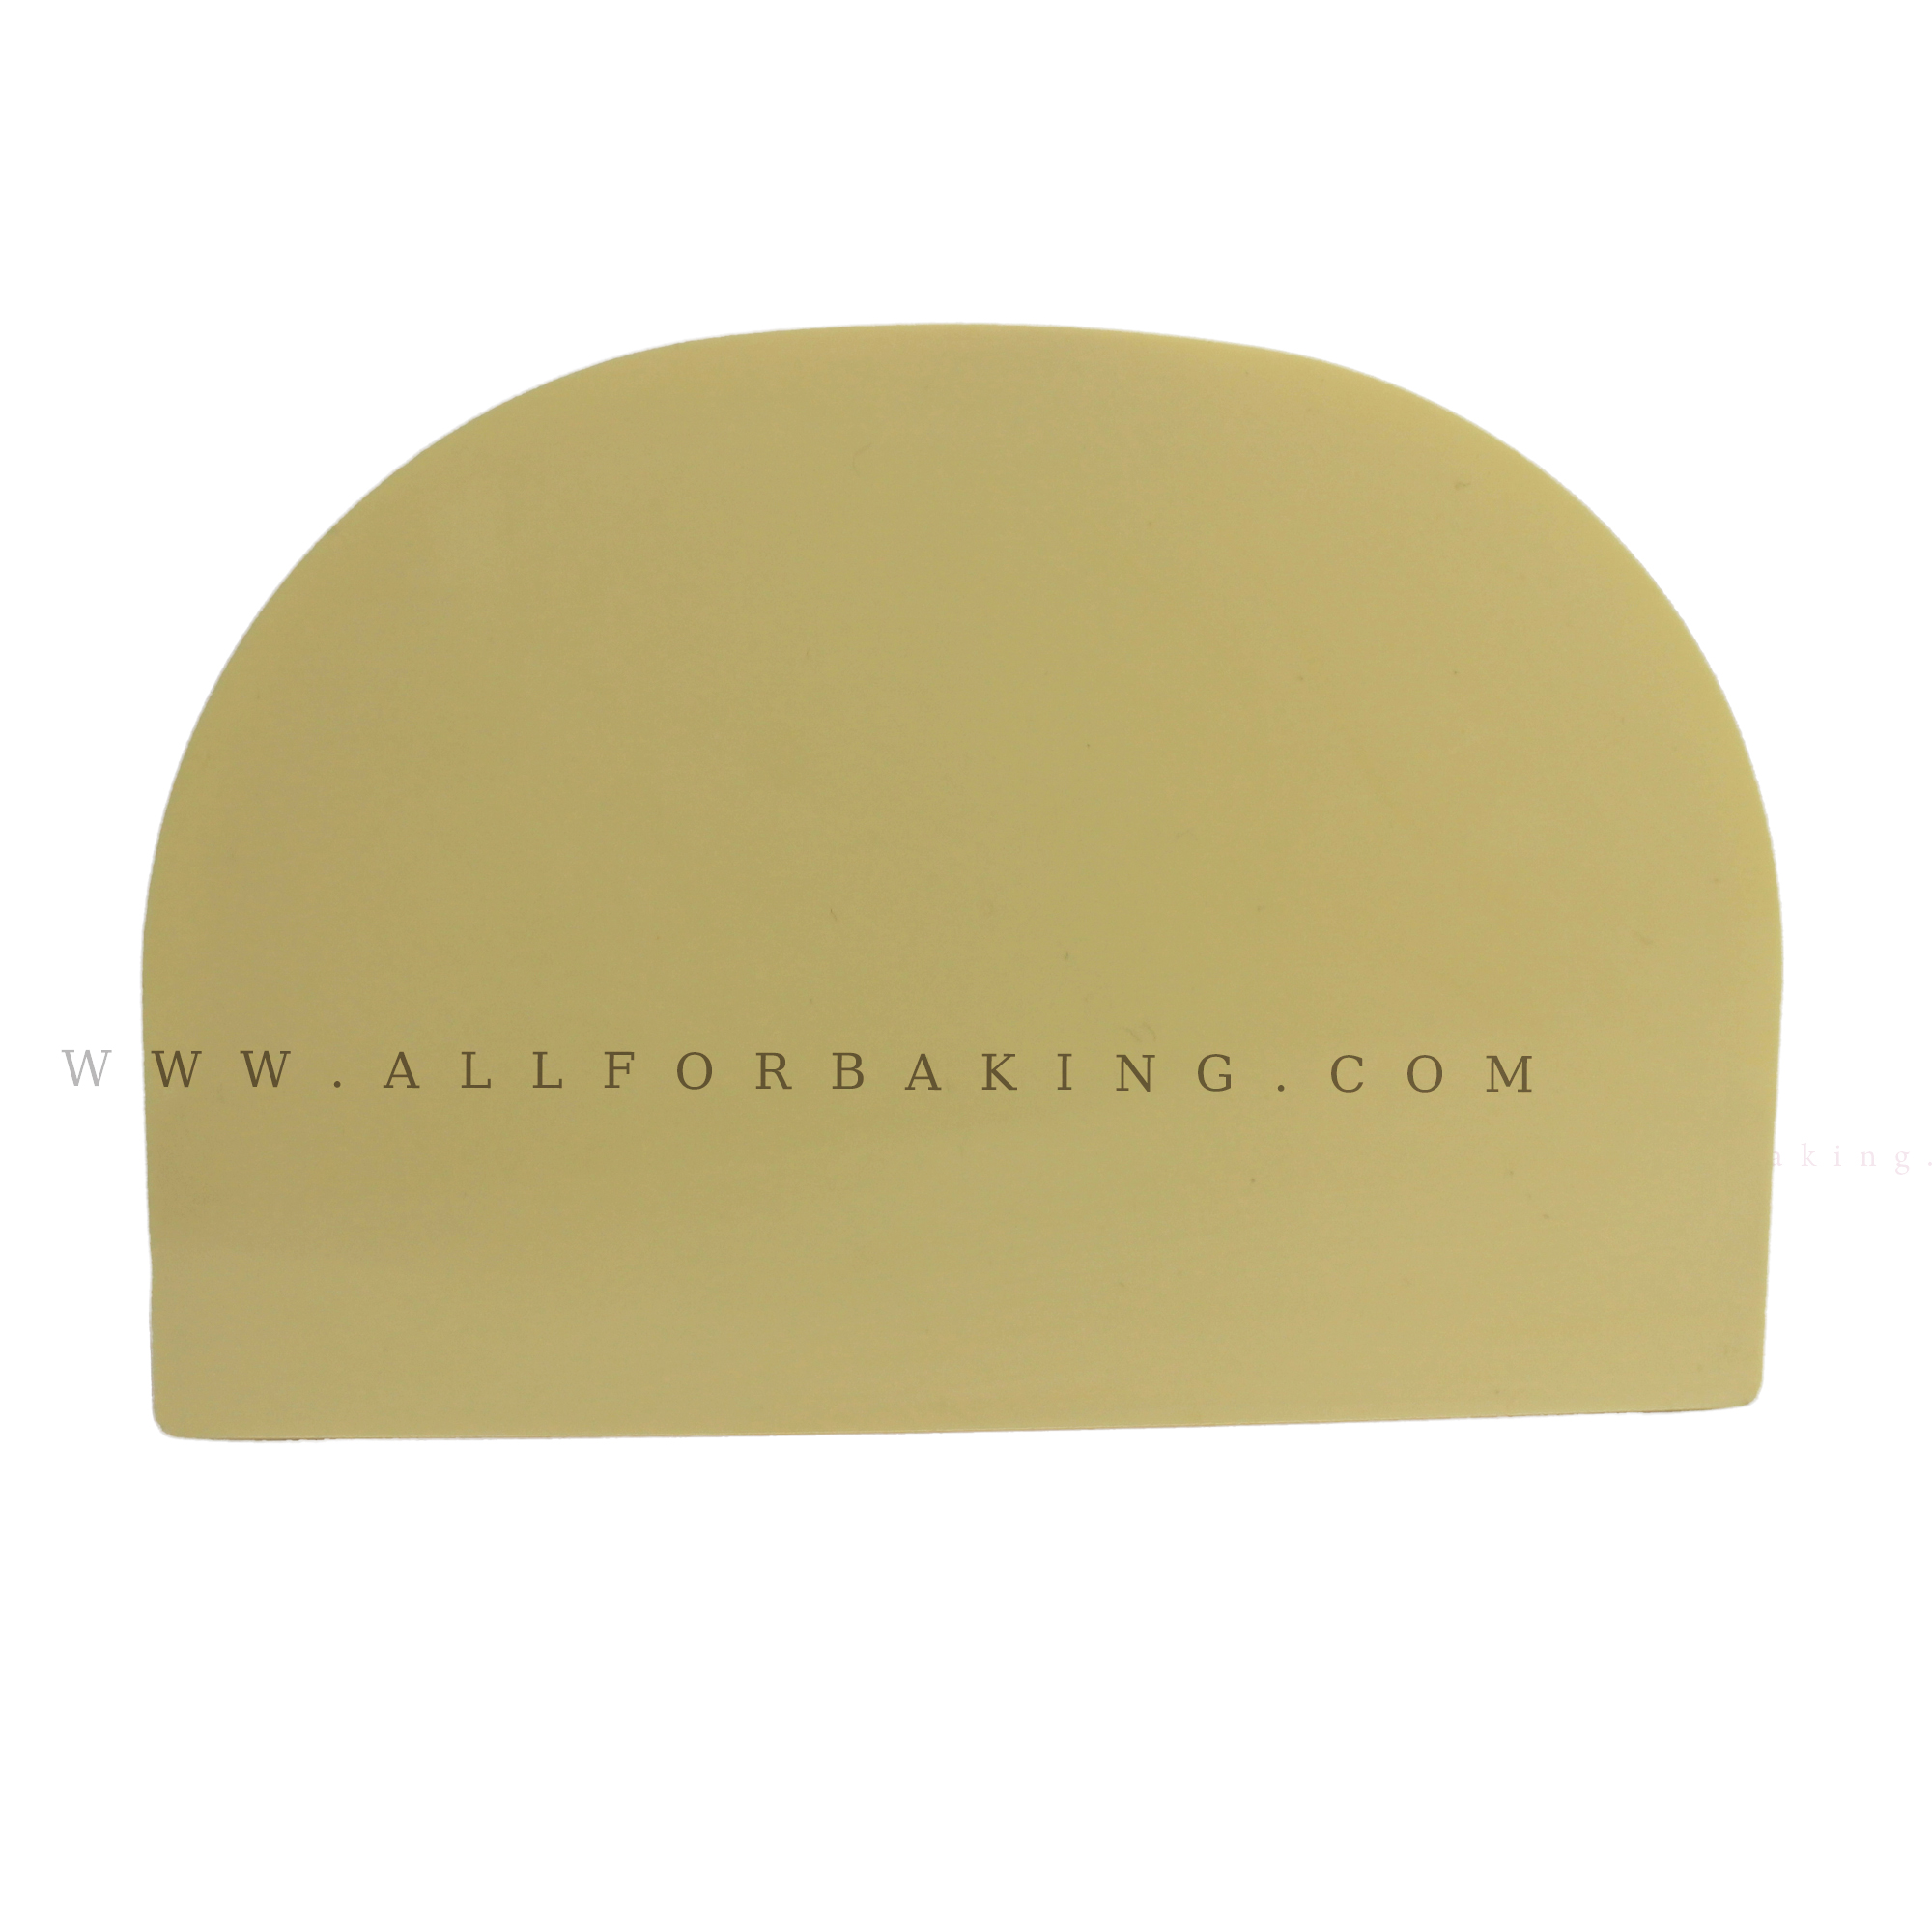 Matfer DOUGH SCRAPER PLASTIC